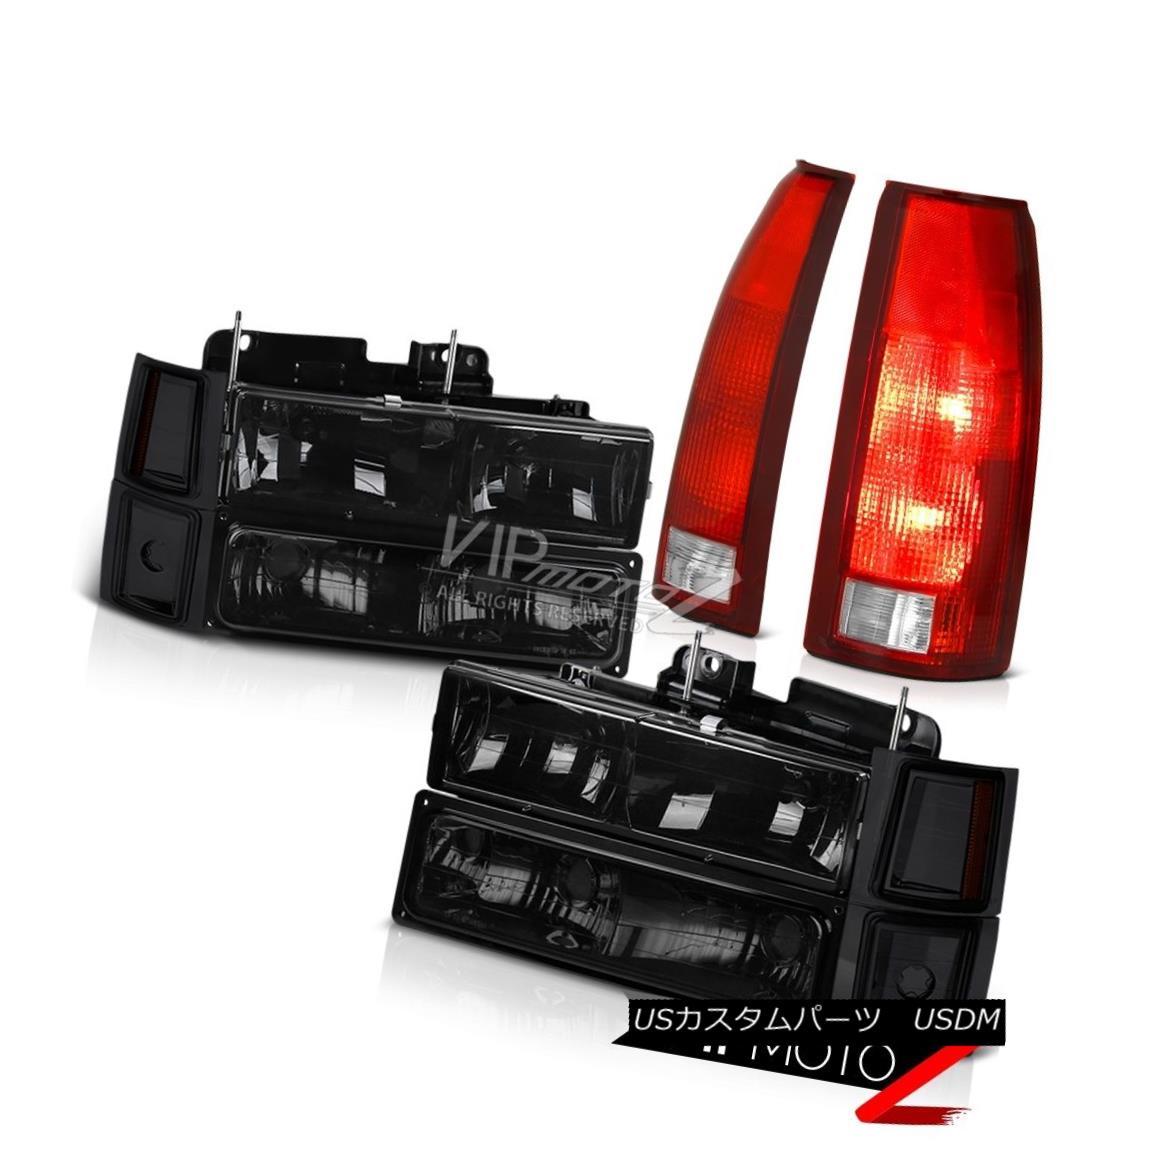 ヘッドライト 94-98 Chevy Cheyenne Red Clear Taillights Smoked 8Pcs Headlight Combo Assembly 94-98 Chevy Cheyenneレッドクリアテイルライトスモーク8Pcsヘッドライトコンボアセンブリ